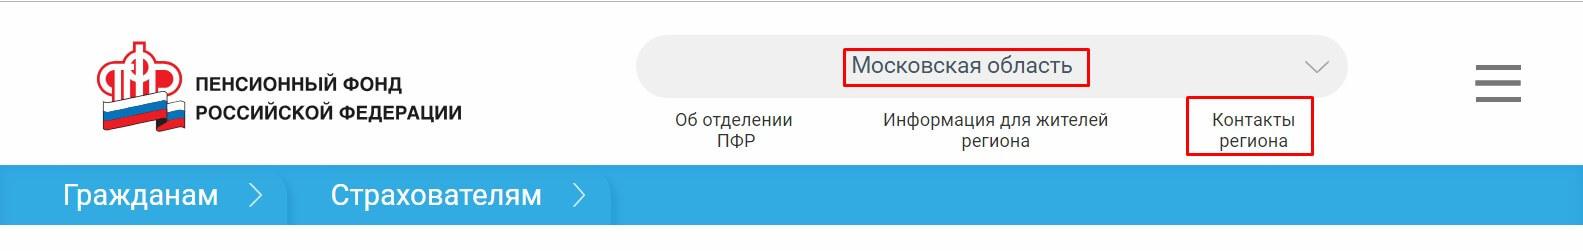 Пенсионный фонд Жуковский Московской области